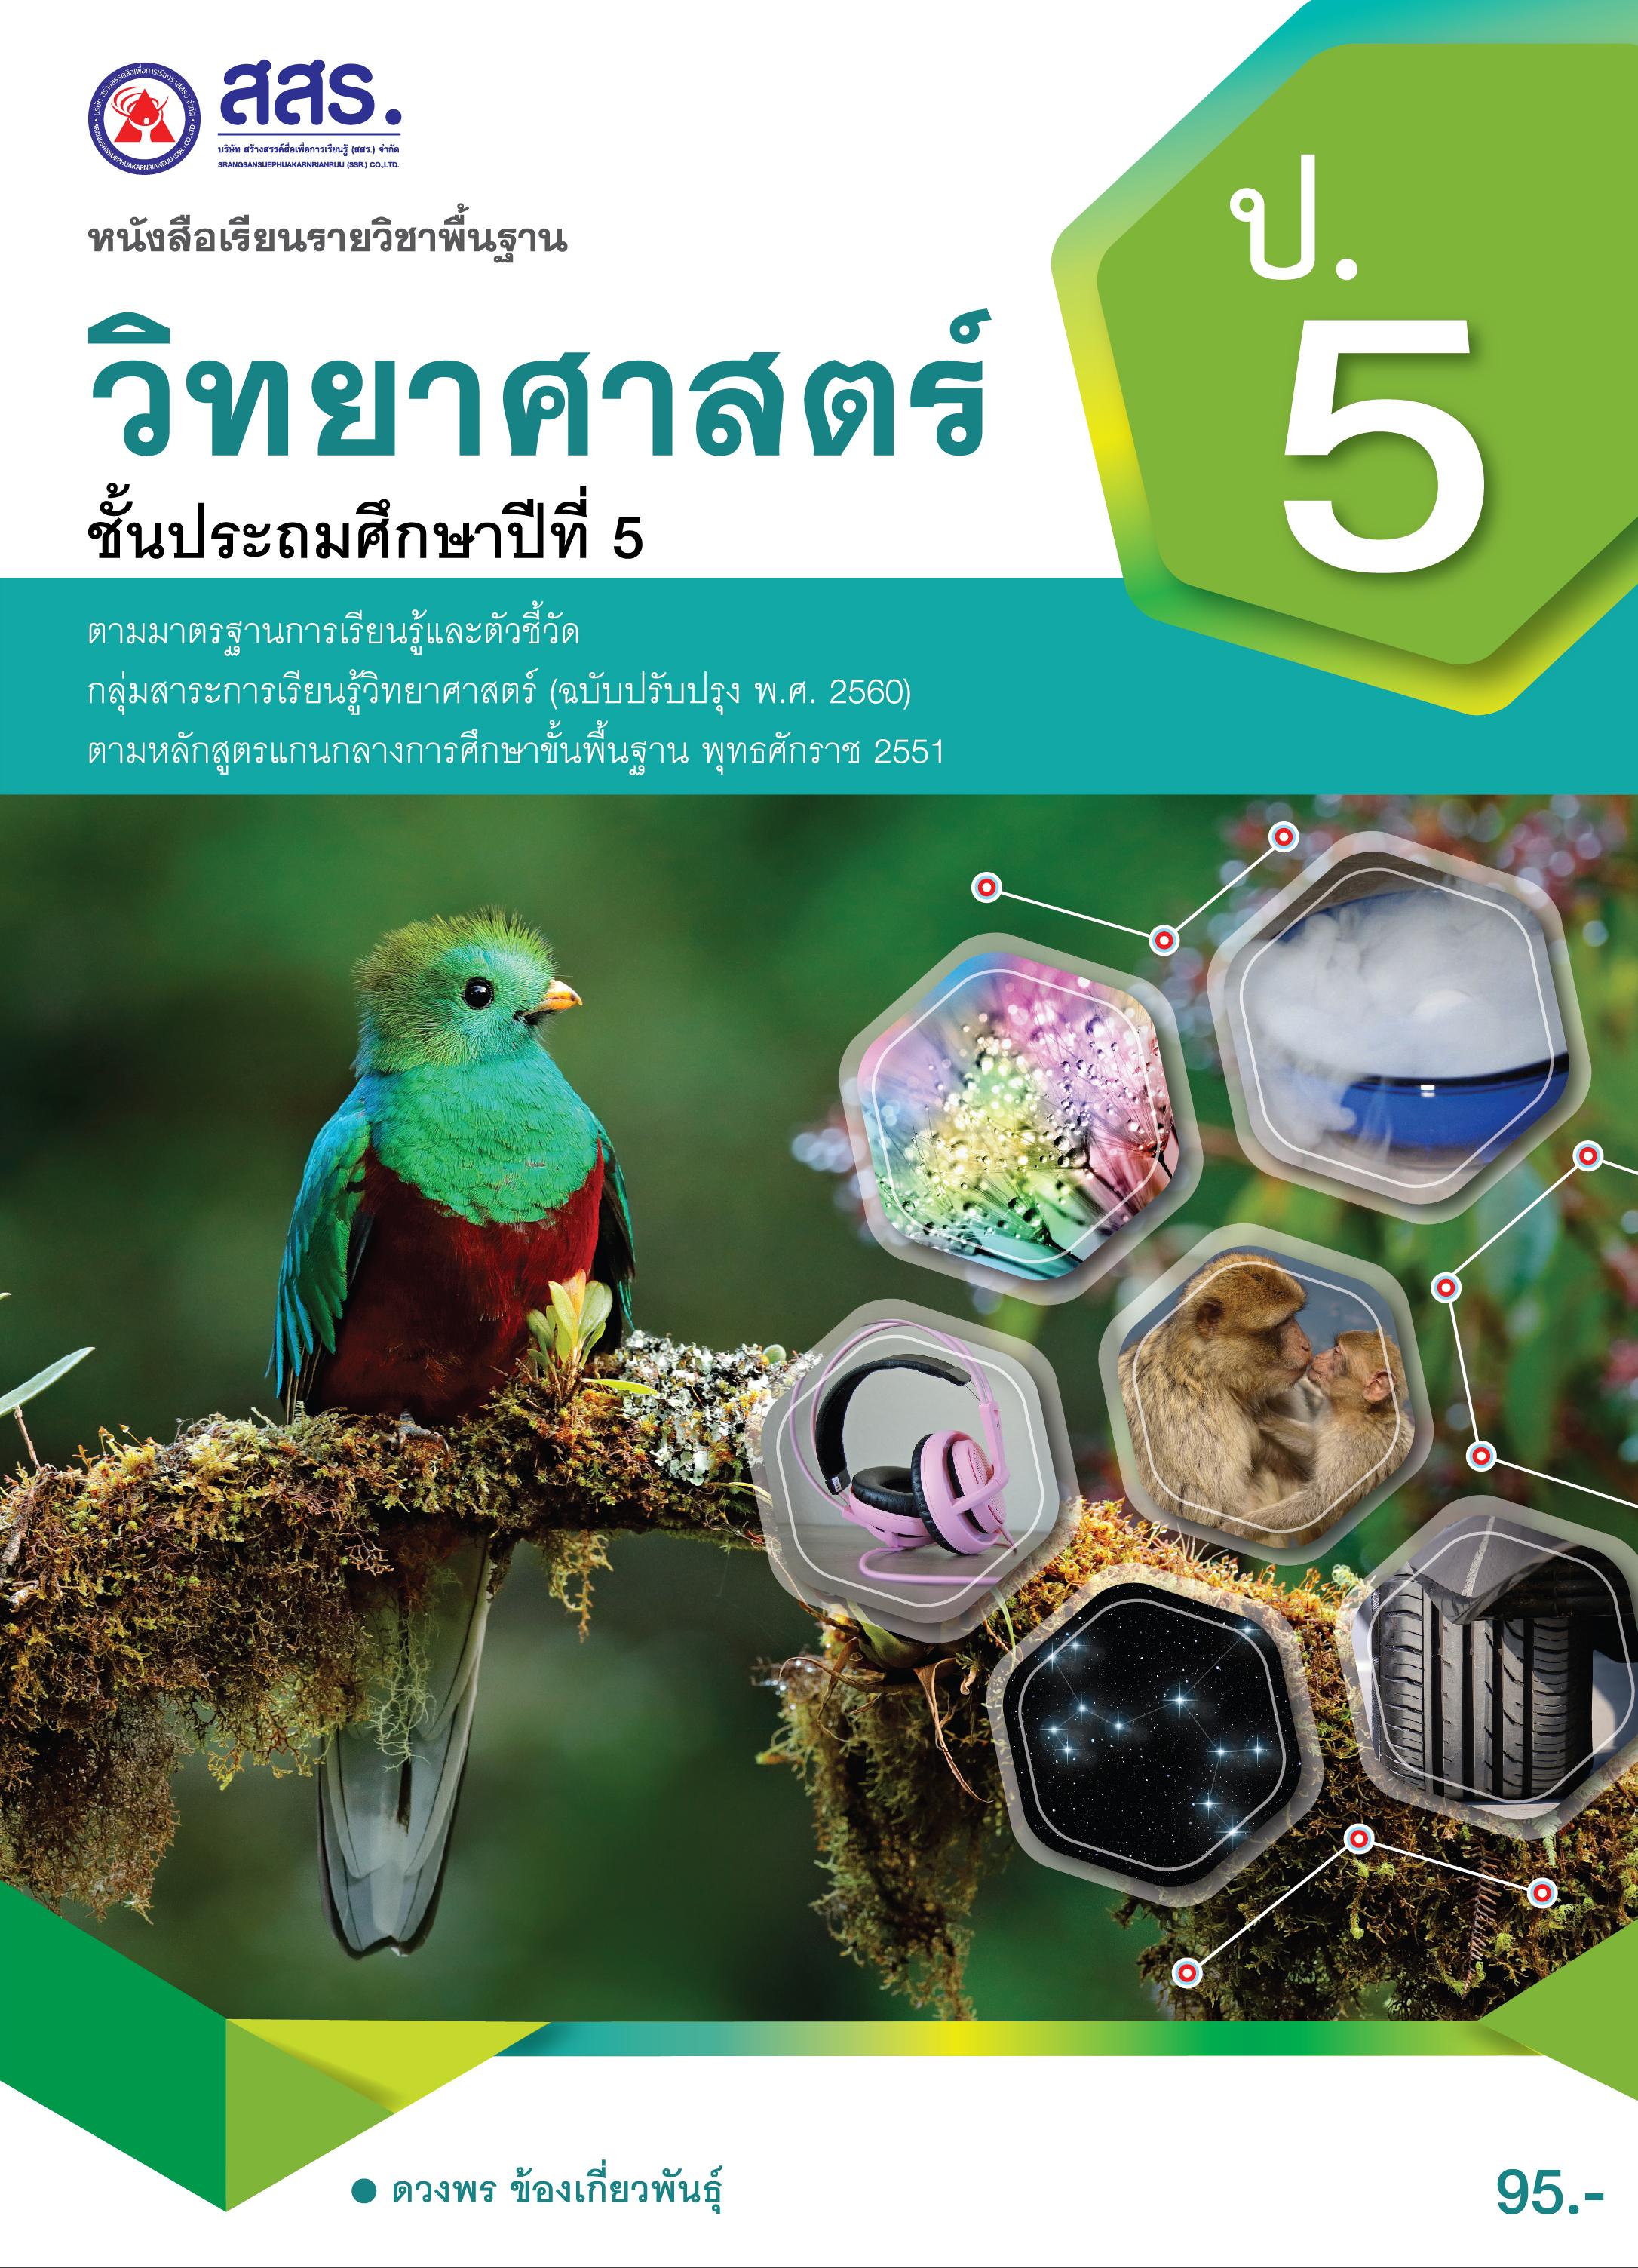 หนังสือเรียนรายวิชาพื้นฐาน วิทยาศาสตร์   ชั้นประถมศึกษาปีที่  5  (ฉบับใบอนุญาตฯ)